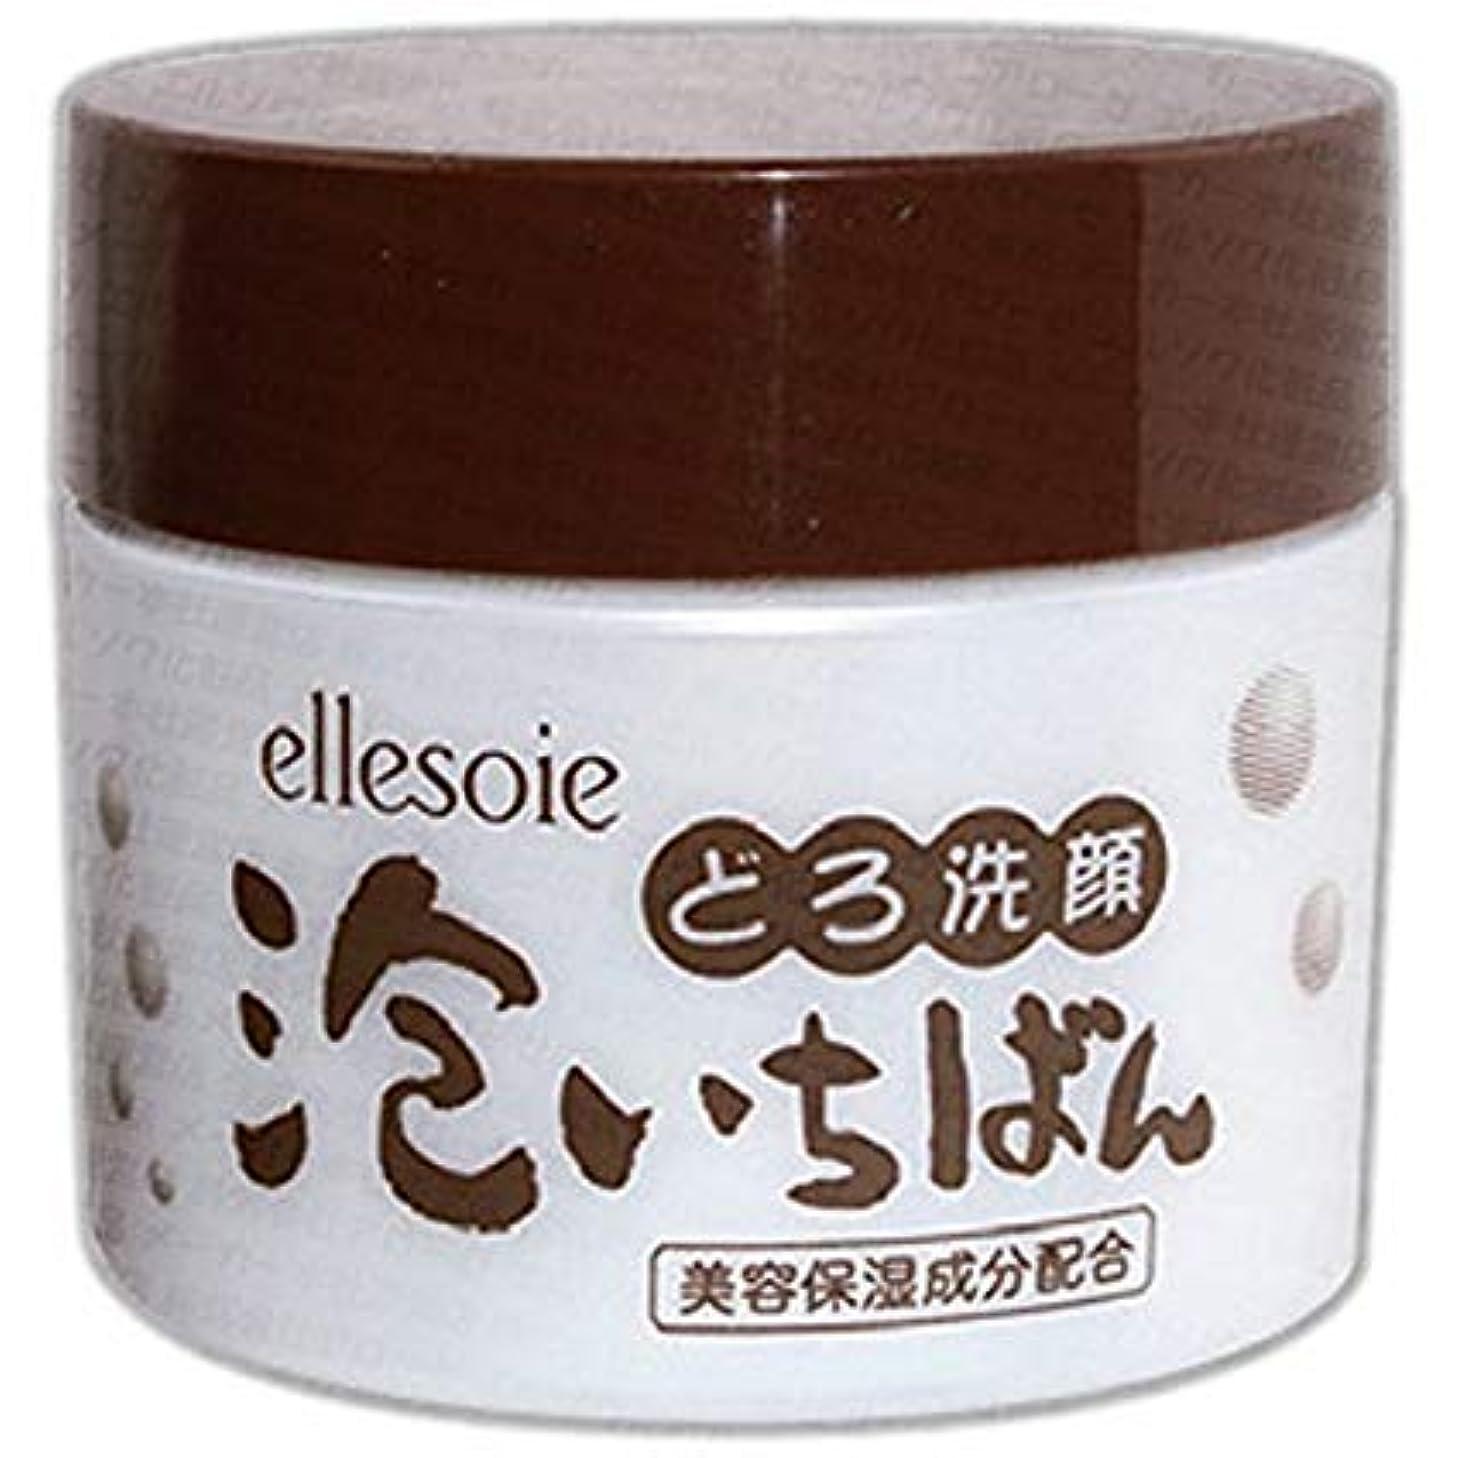 アッティカス犯罪繁雑エルソワ化粧品(ellesoie) どろ洗顔 泡いちばん 120g入り (ジャー容器入り120g)